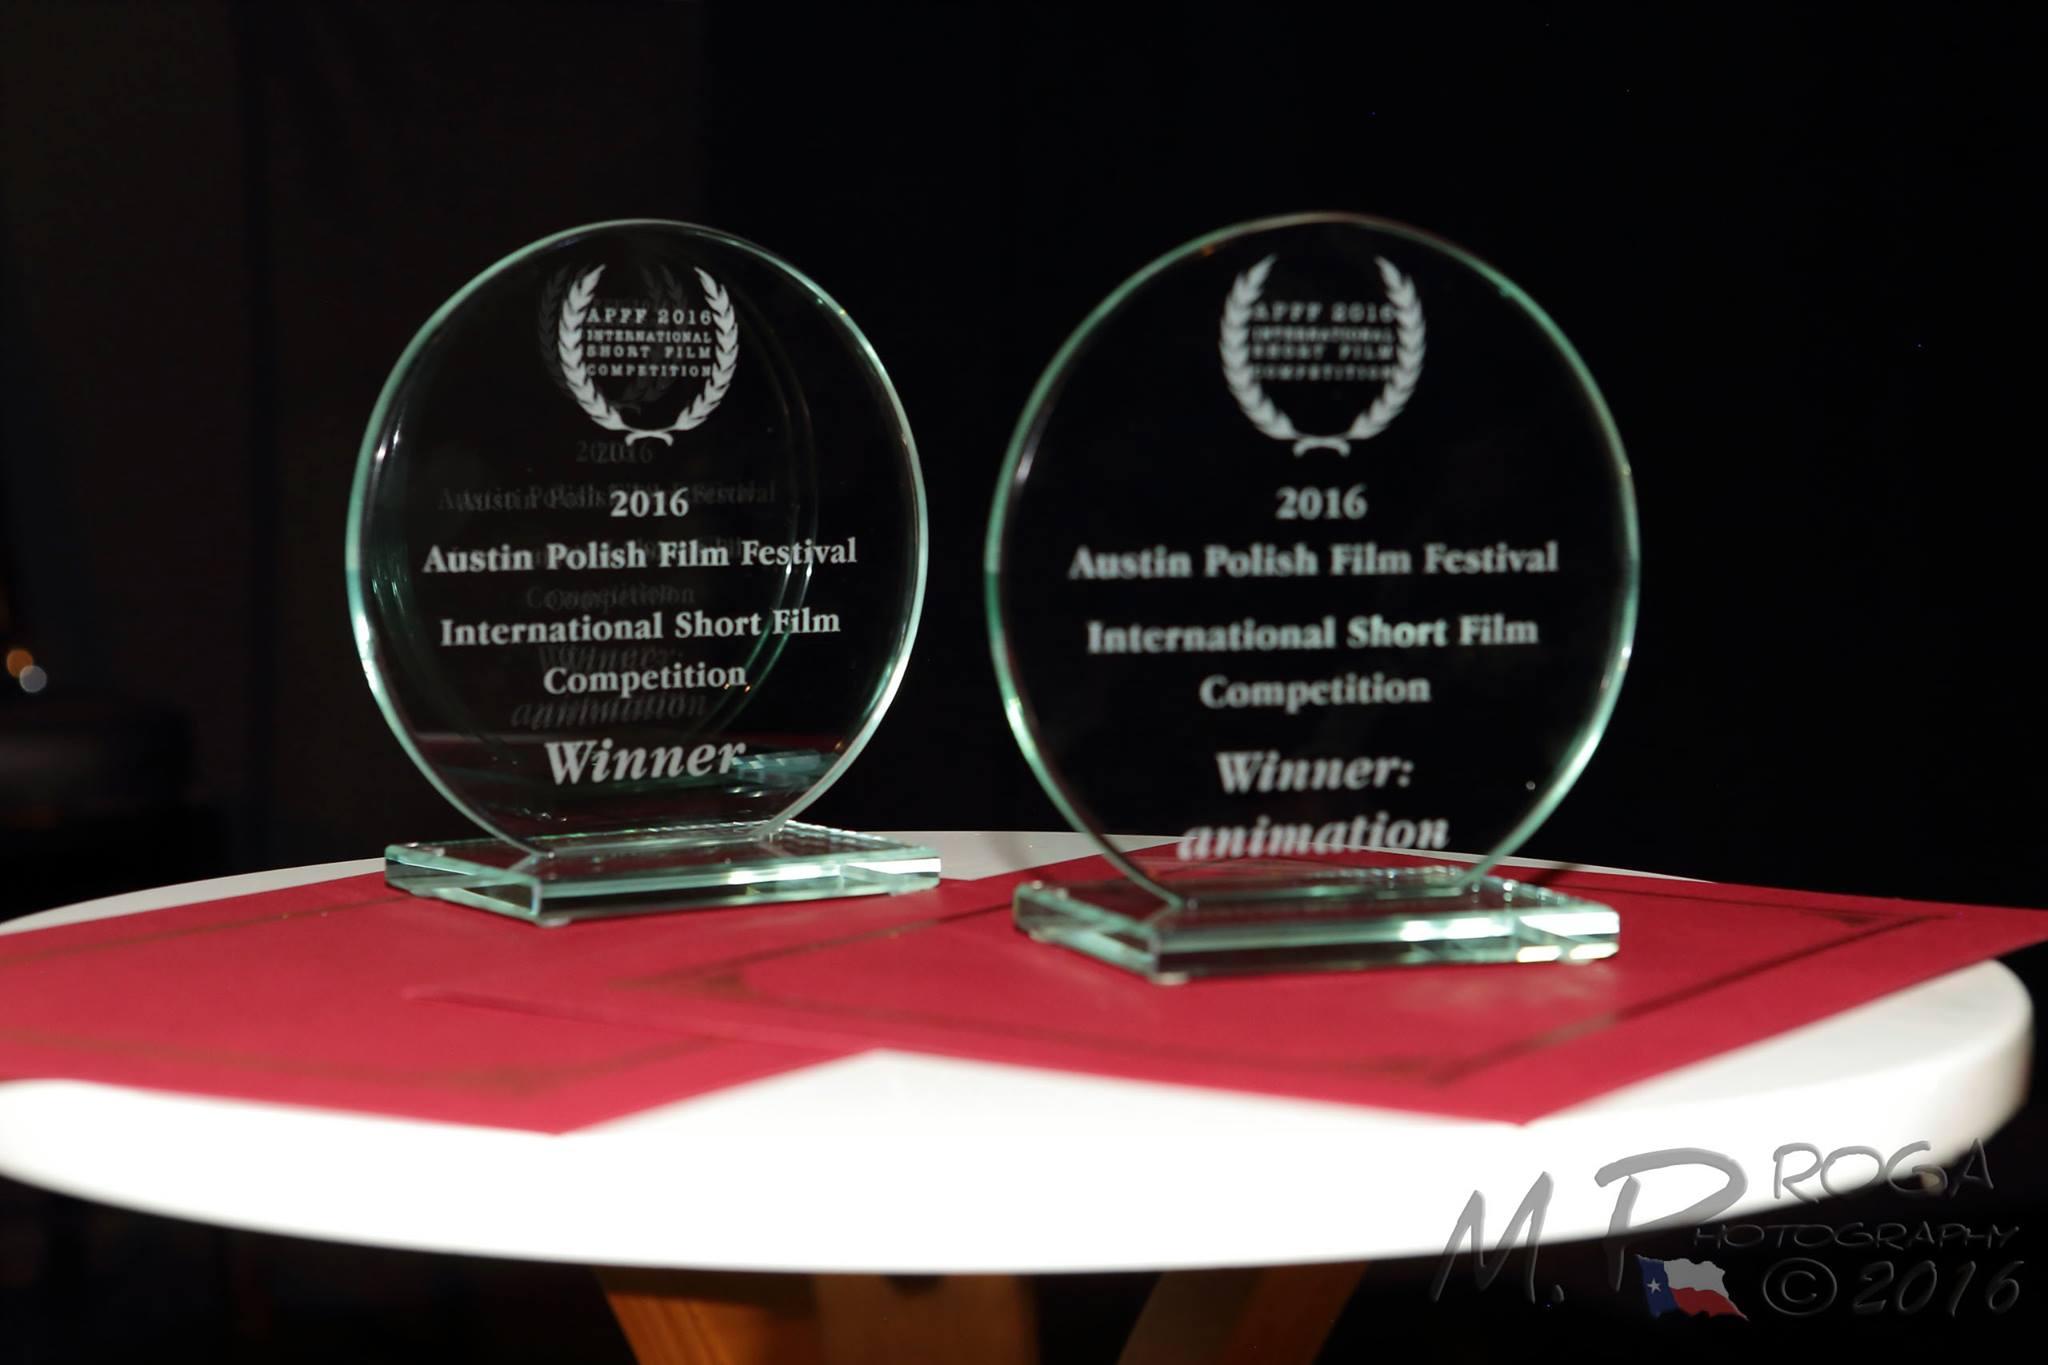 APFF 2016 trophies.jpg